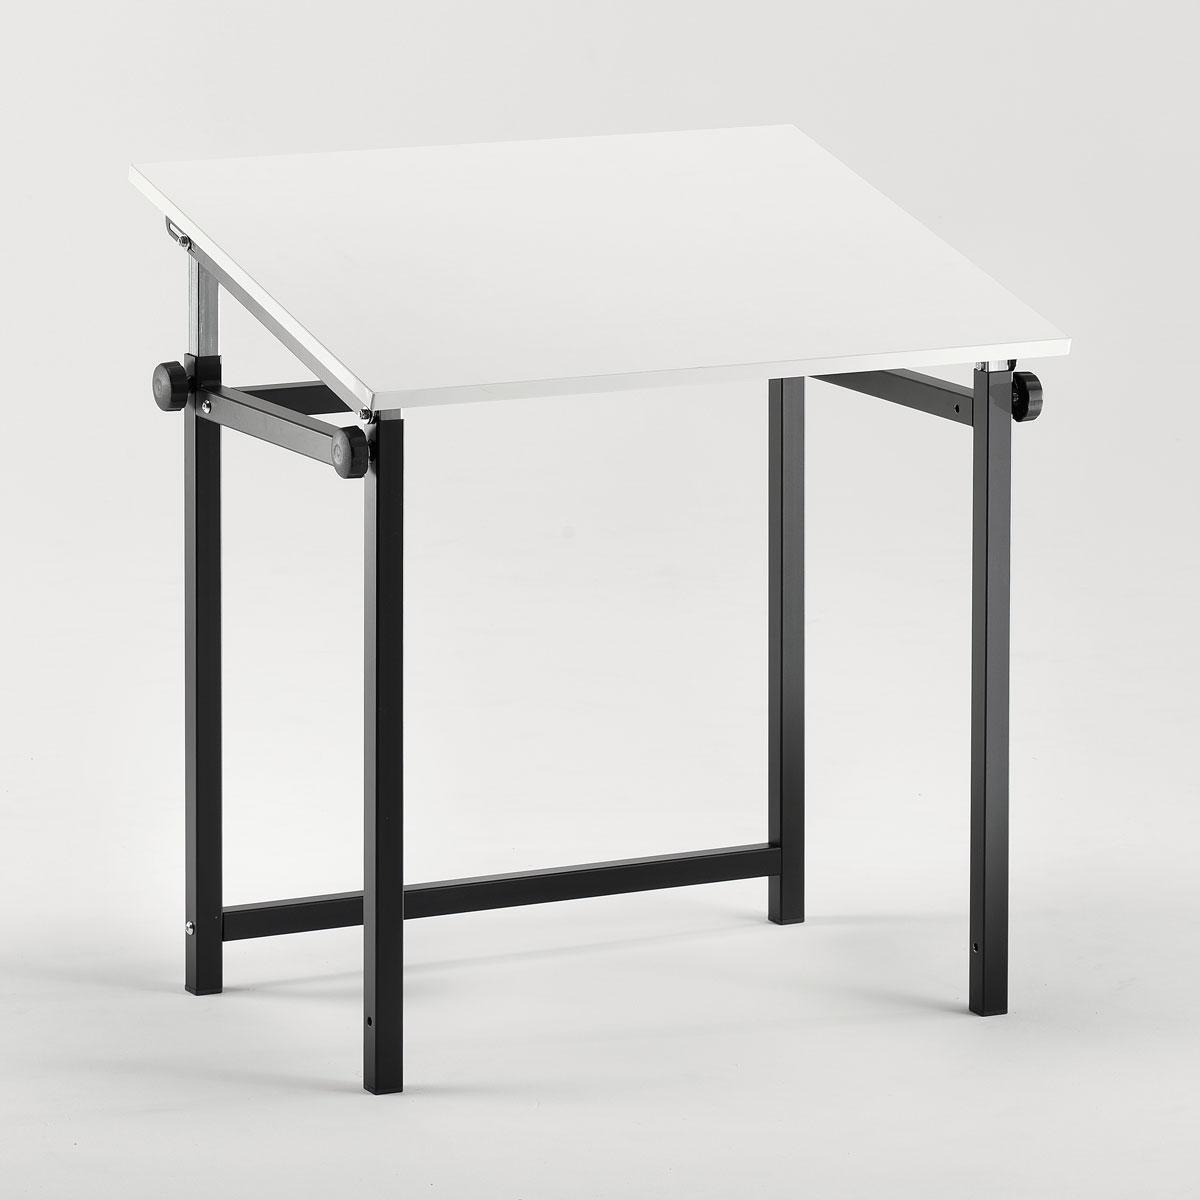 Tavoli scuola per disegno banchi scuola per aule didattiche emme italia - Tavolo luminoso per disegno ...